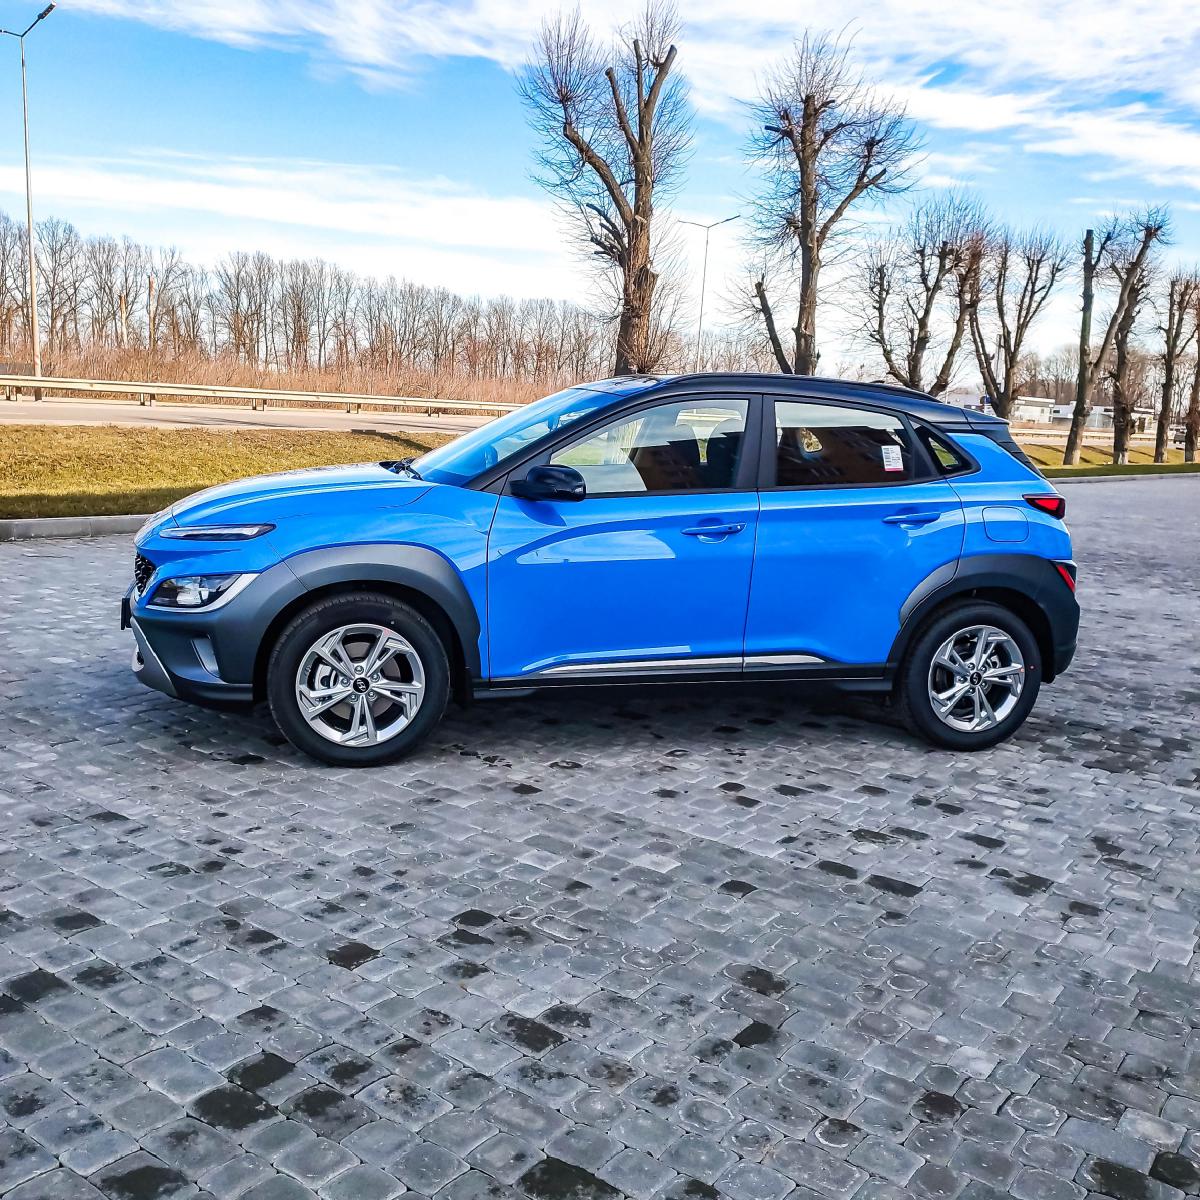 Надзвичайний автомобіль з незвичайним кольором!   Хюндай Мотор Україна - фото 15